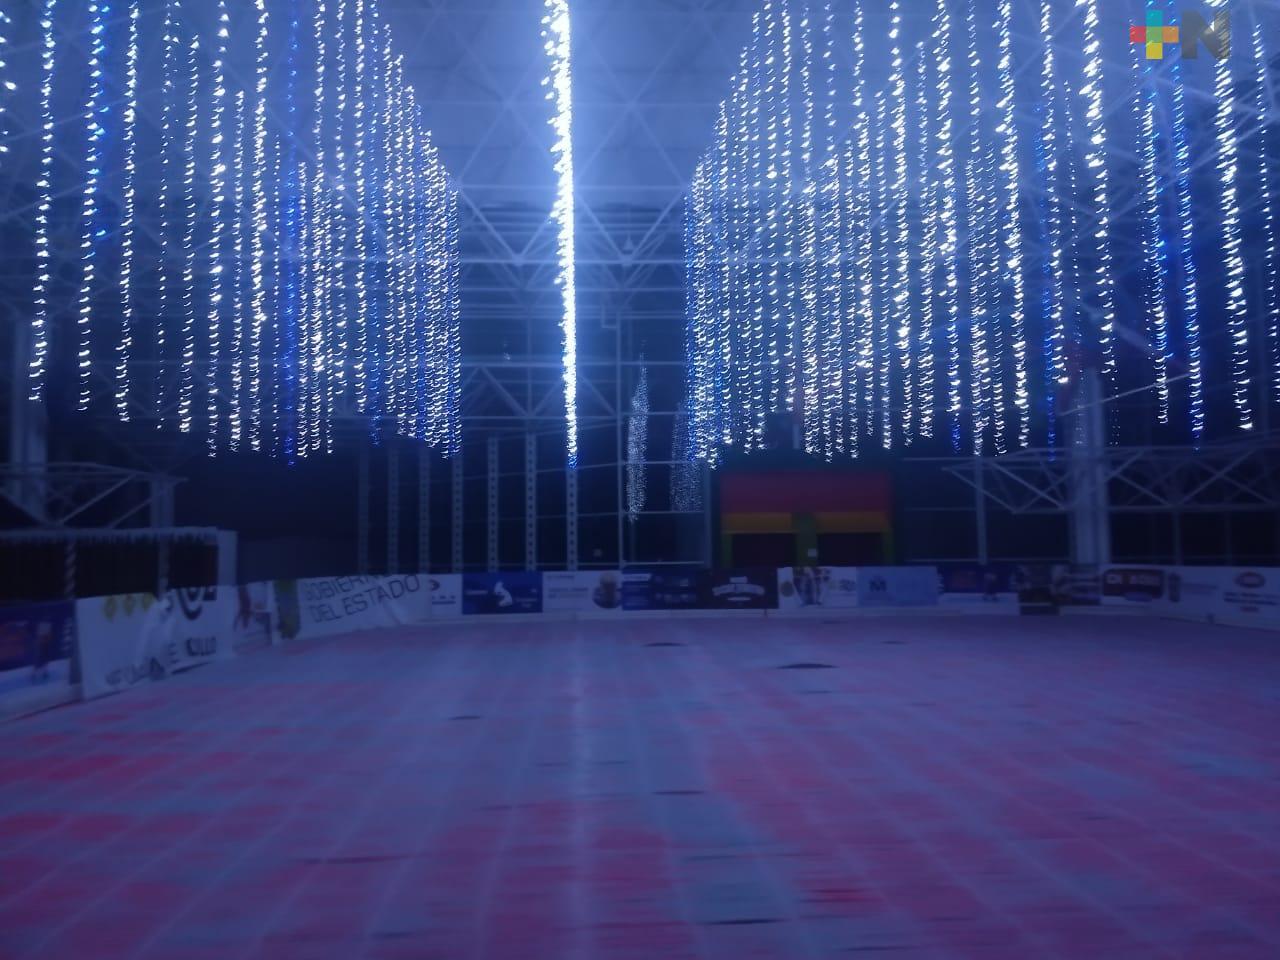 Durante 12 horas estará abierta de forma gratuita la pista de hielo en Xalapa